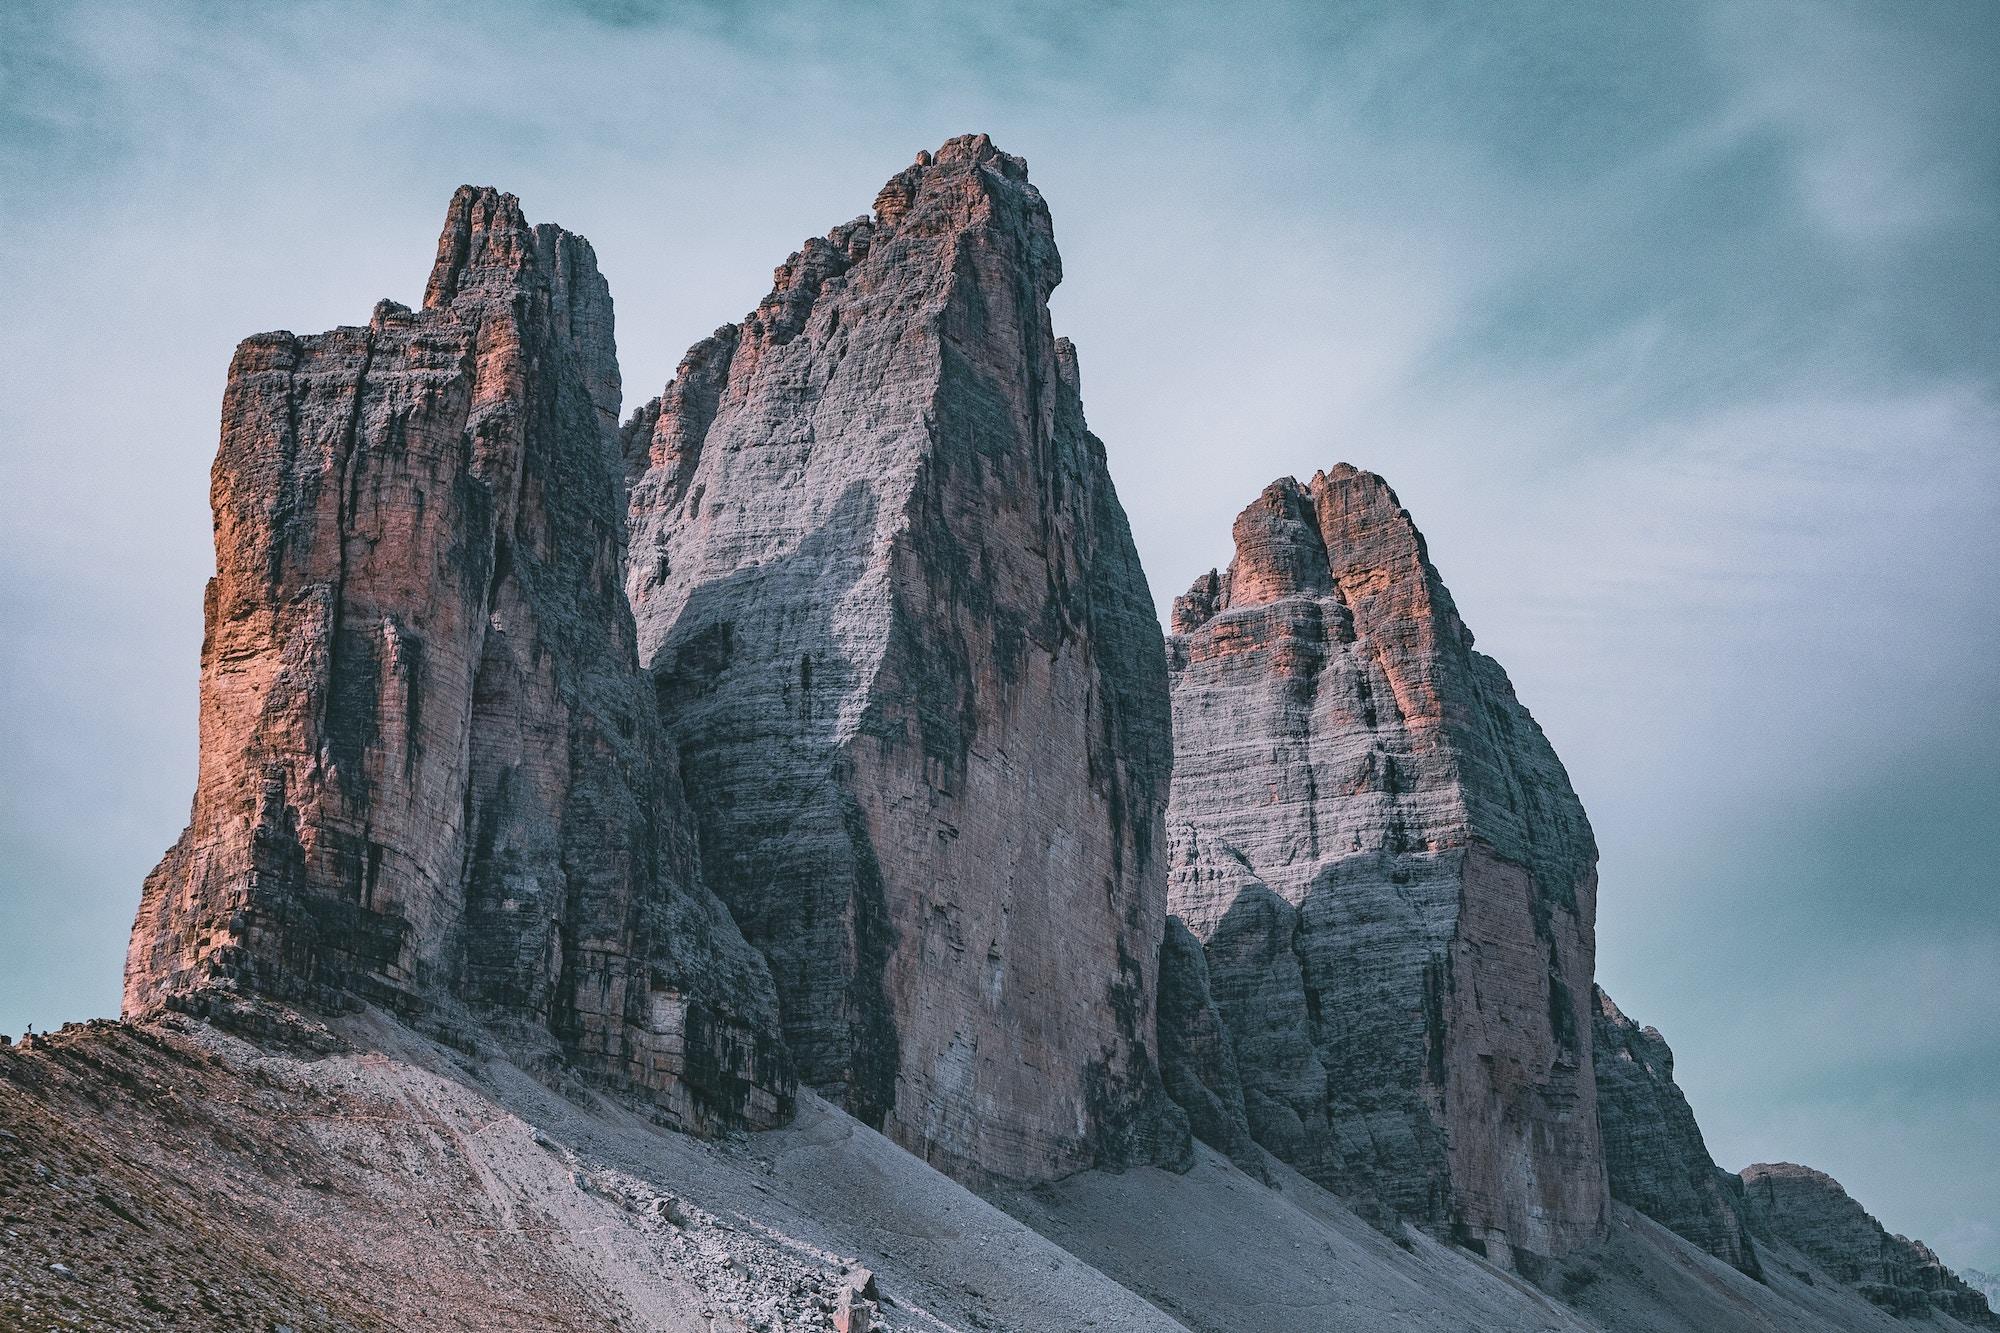 Drei Zinnen Dolomiten